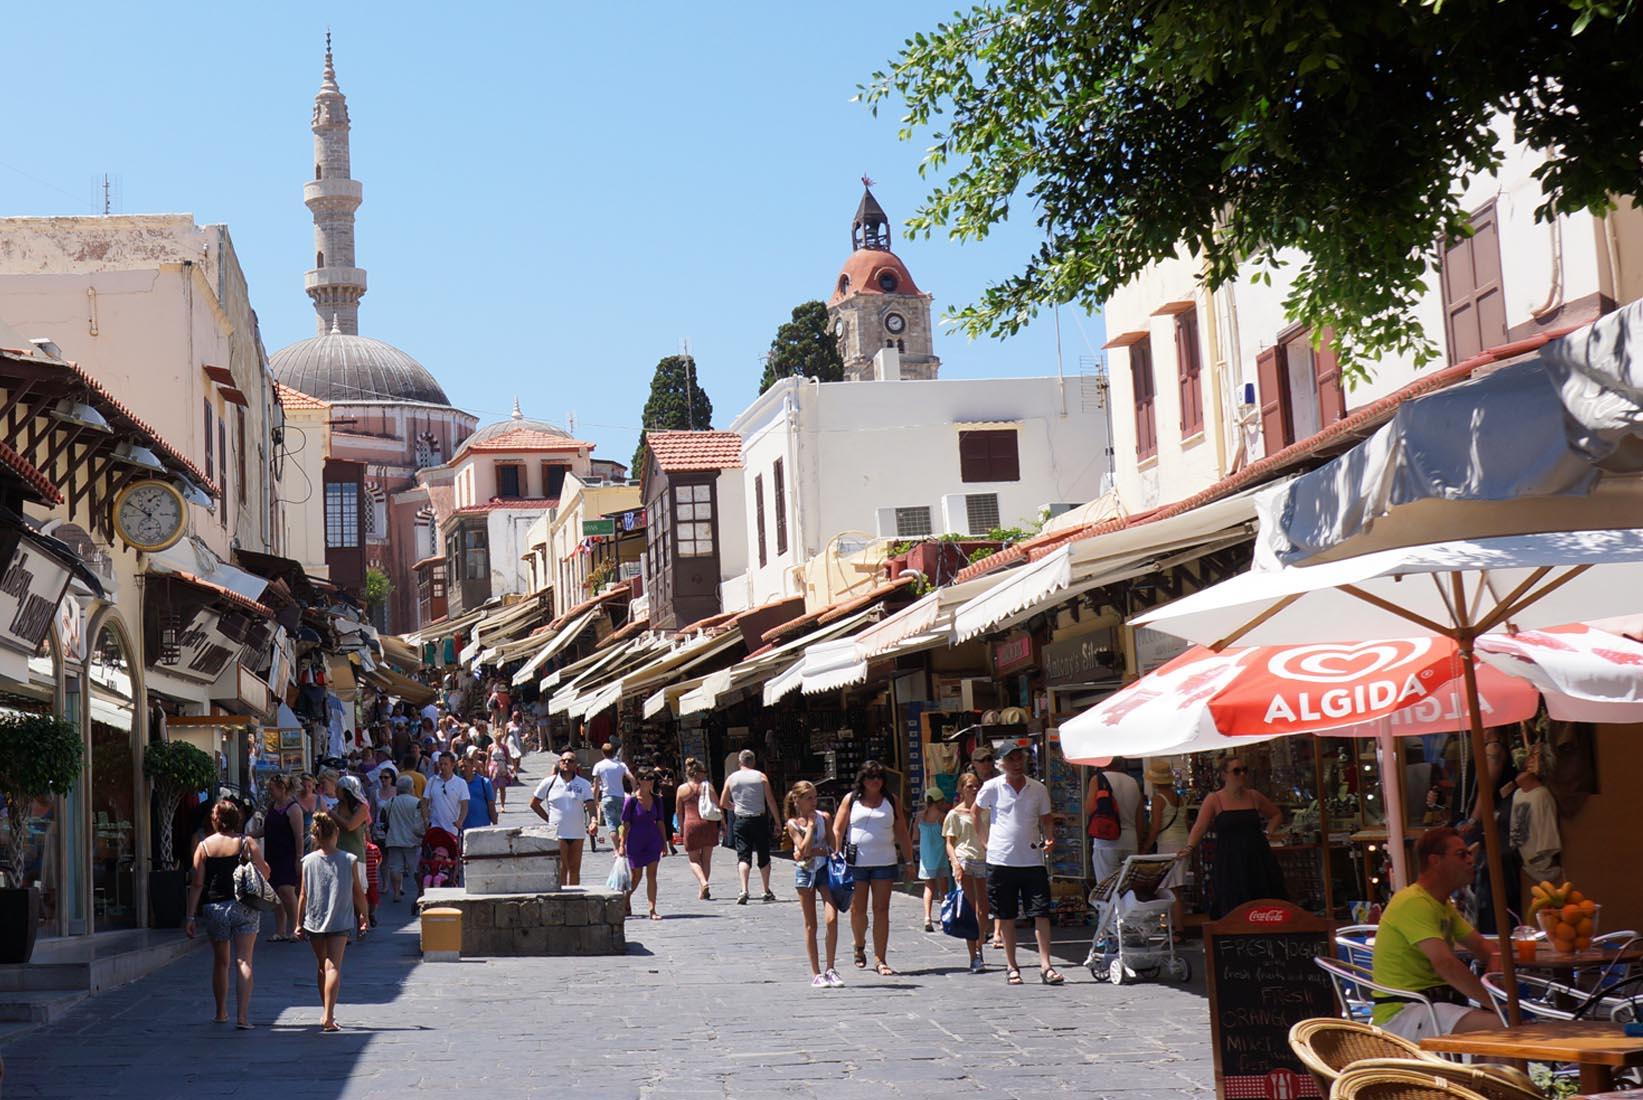 Medieval Inn - Old Town Rhodes